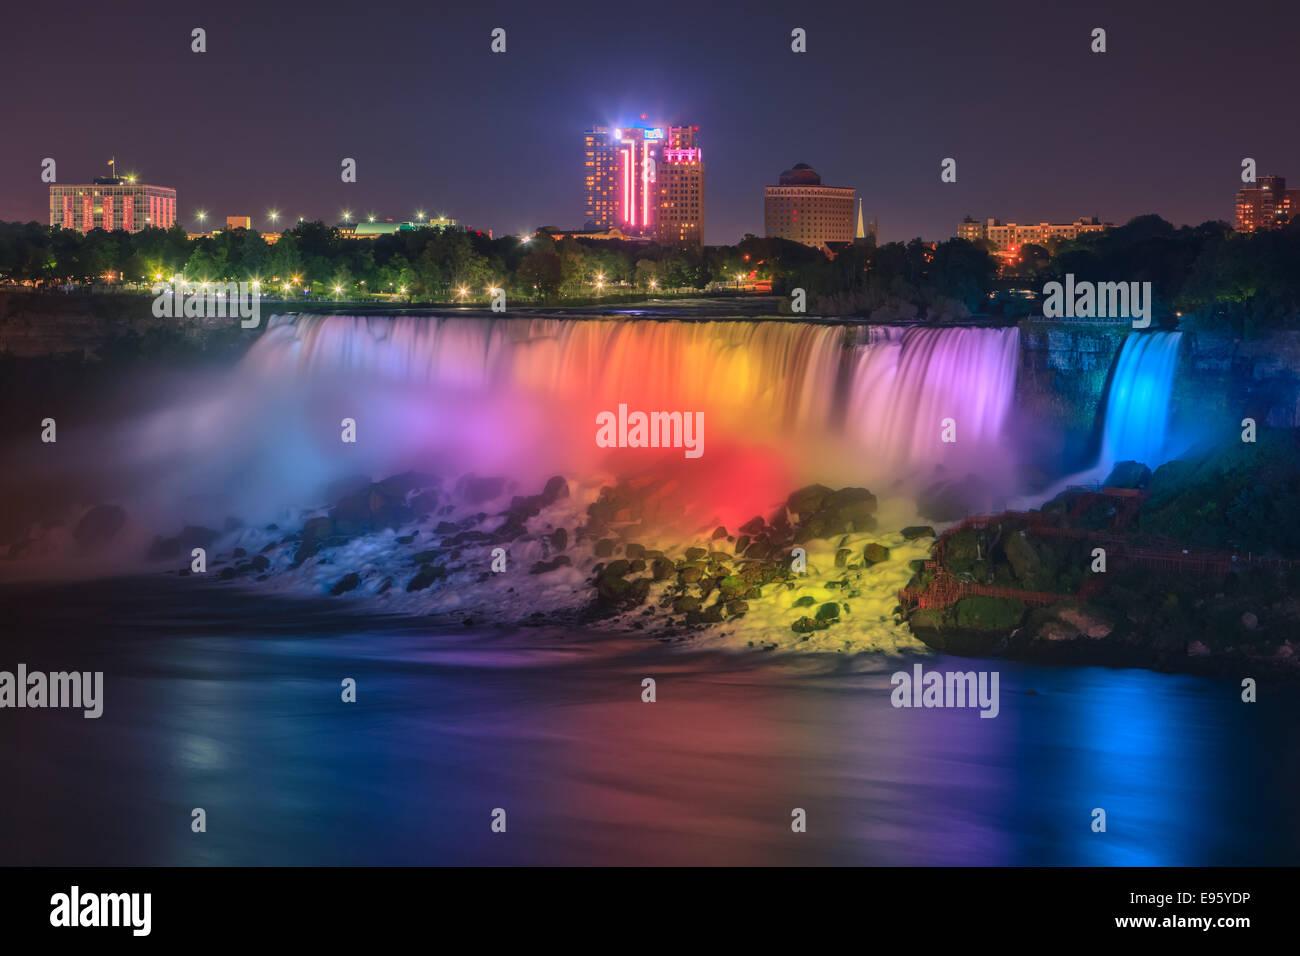 Licht-Show an den American Falls, Teil von Niagara Falls, Ontario, Kanada. Stockfoto